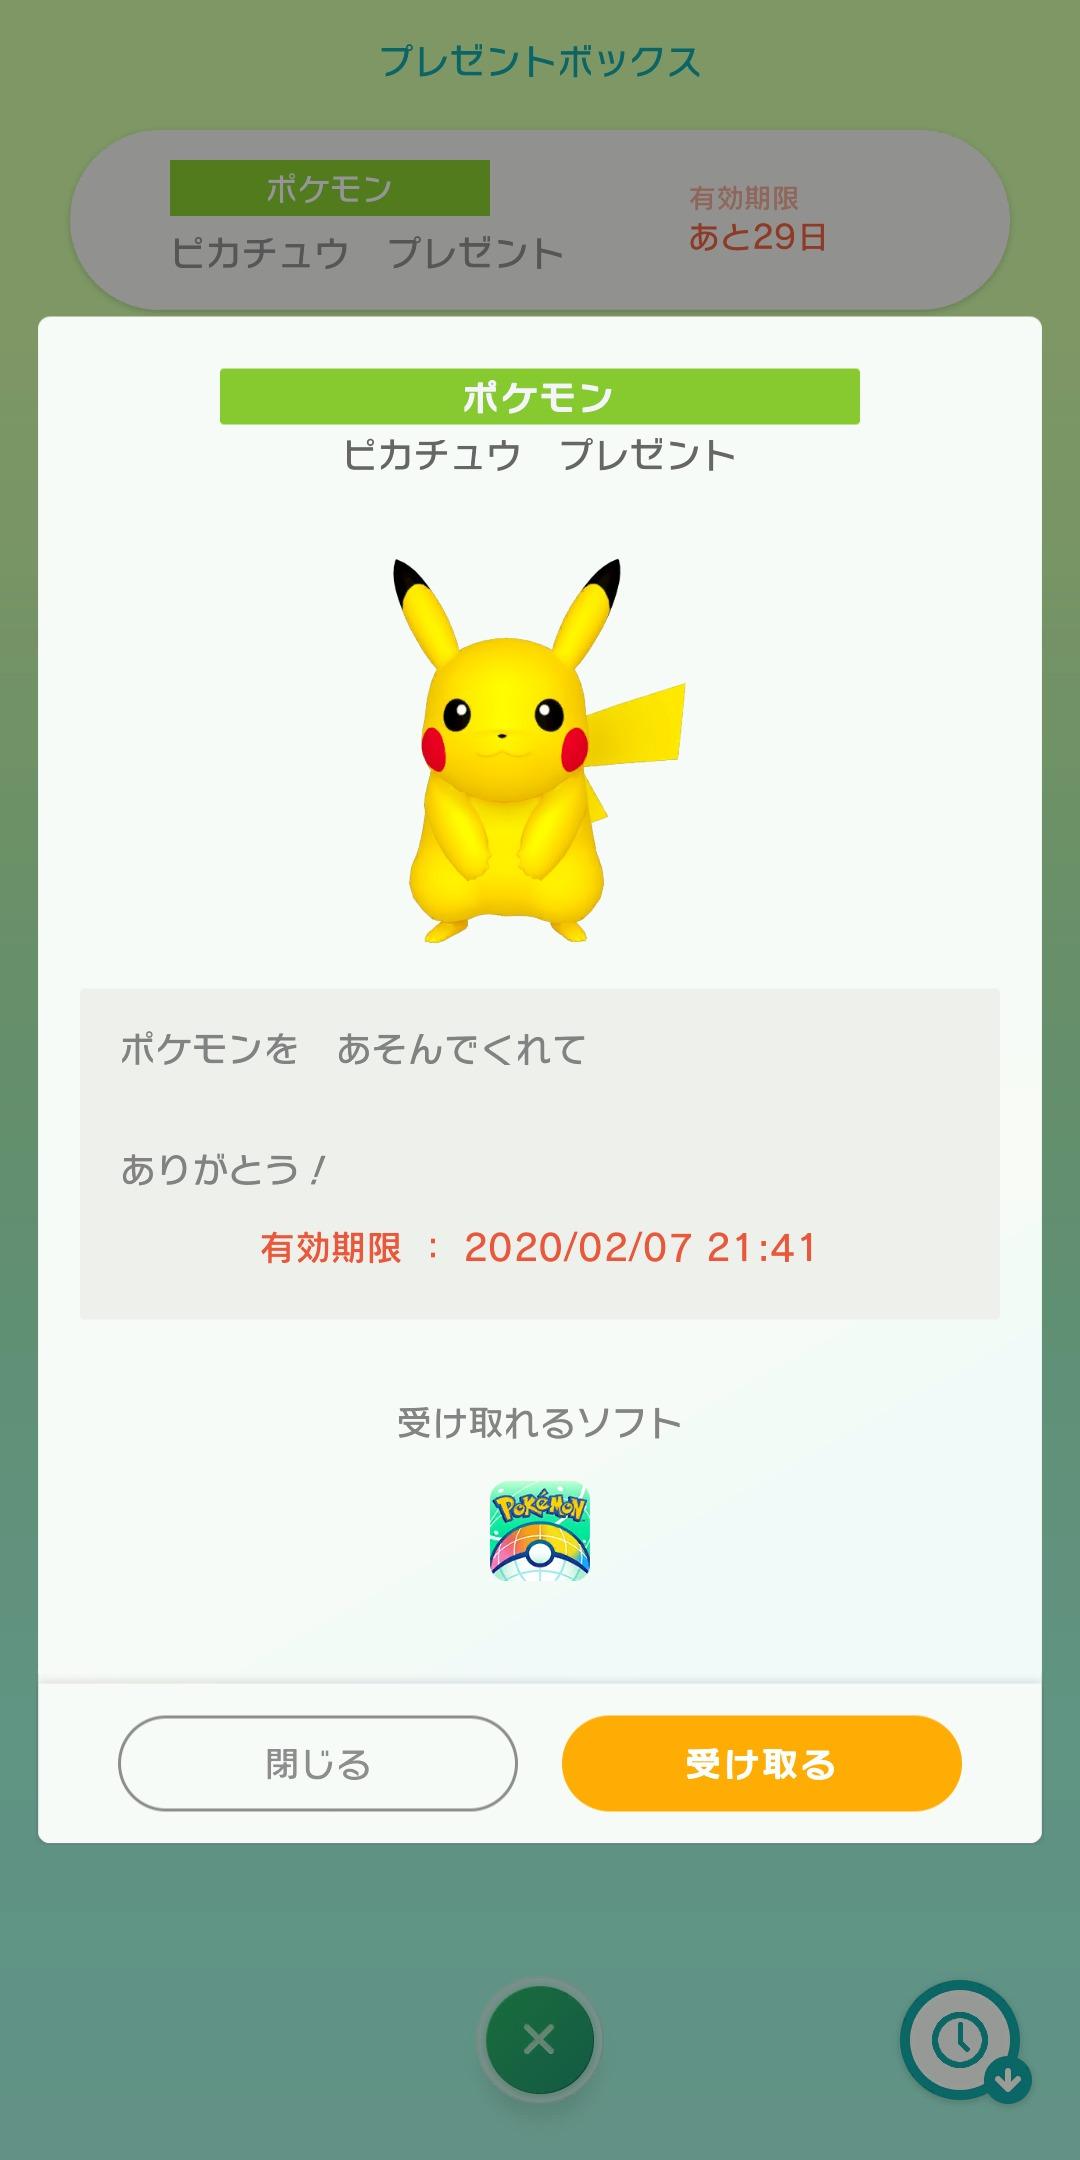 ふしぎなおくりもの3 (C)2020 Pokémon. (C)1995-2020 Nintendo/Creatures Inc. /GAME FREAK inc.